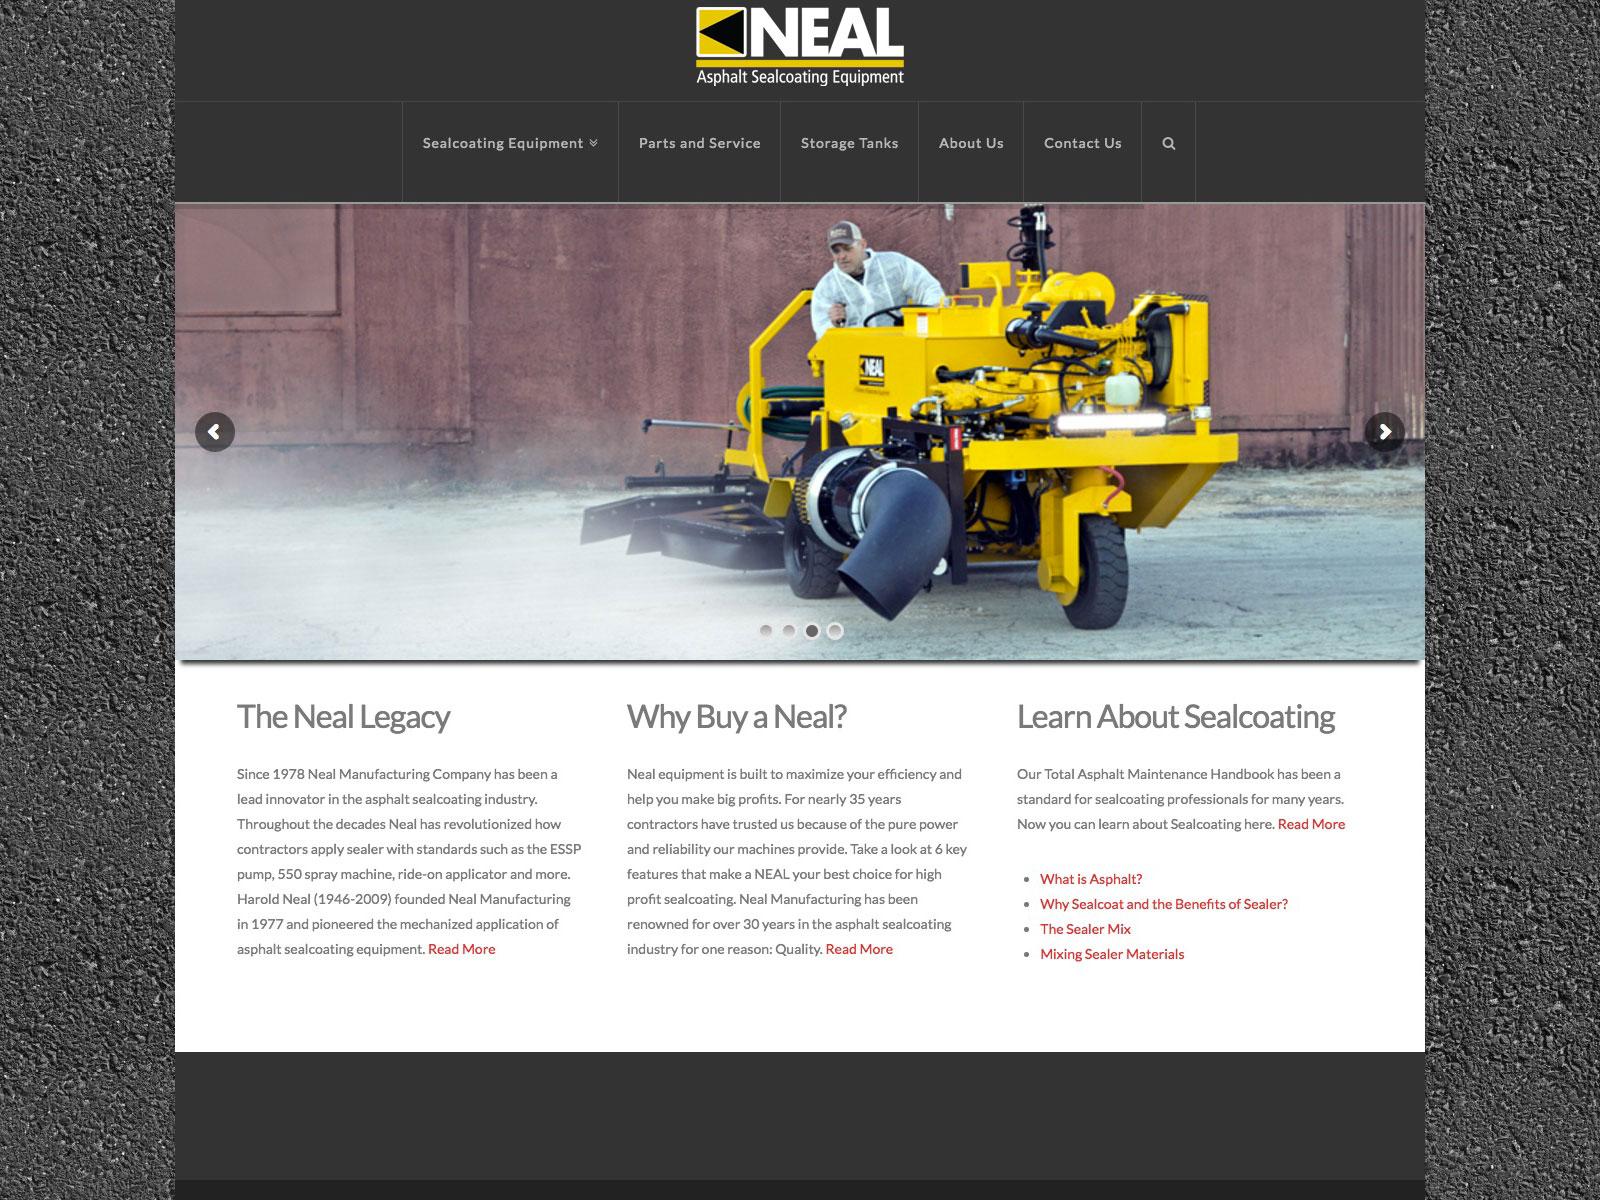 nealequip.com